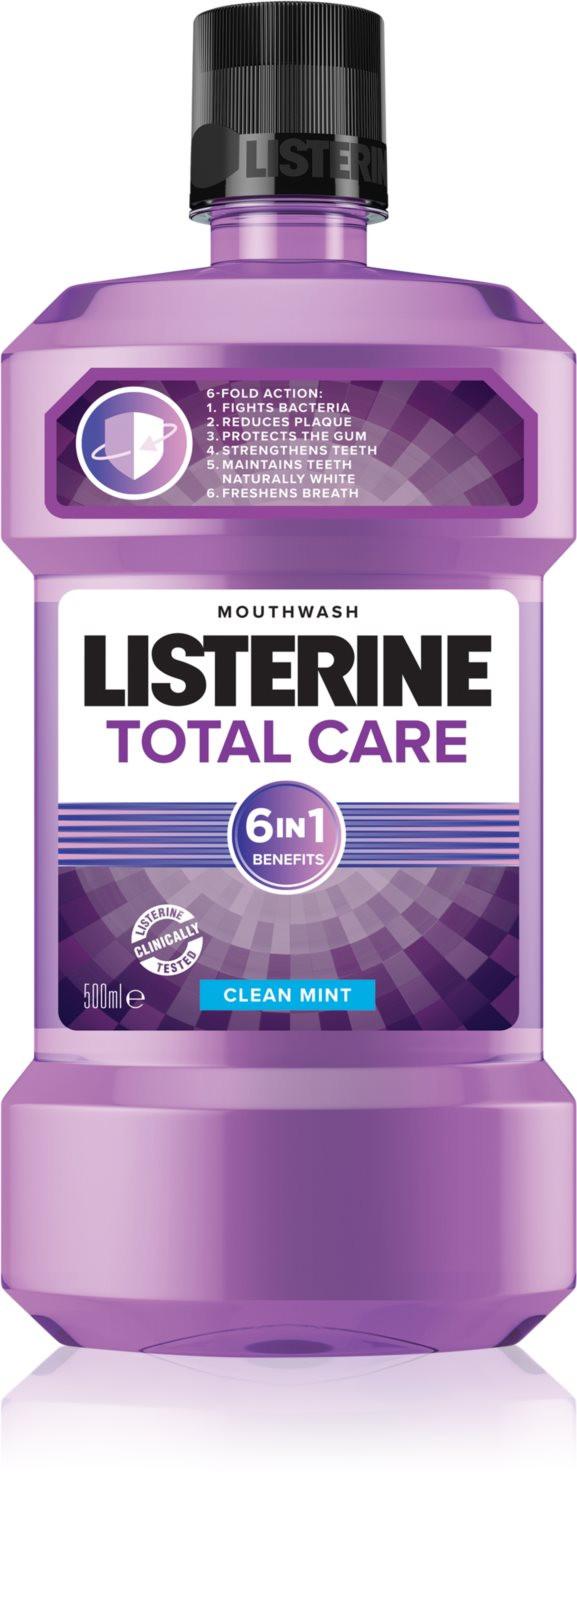 listerine-total-care-clean-mint-bain-de-bouche-pour-une-protection-complete-des-dents-6-en-1.jpg